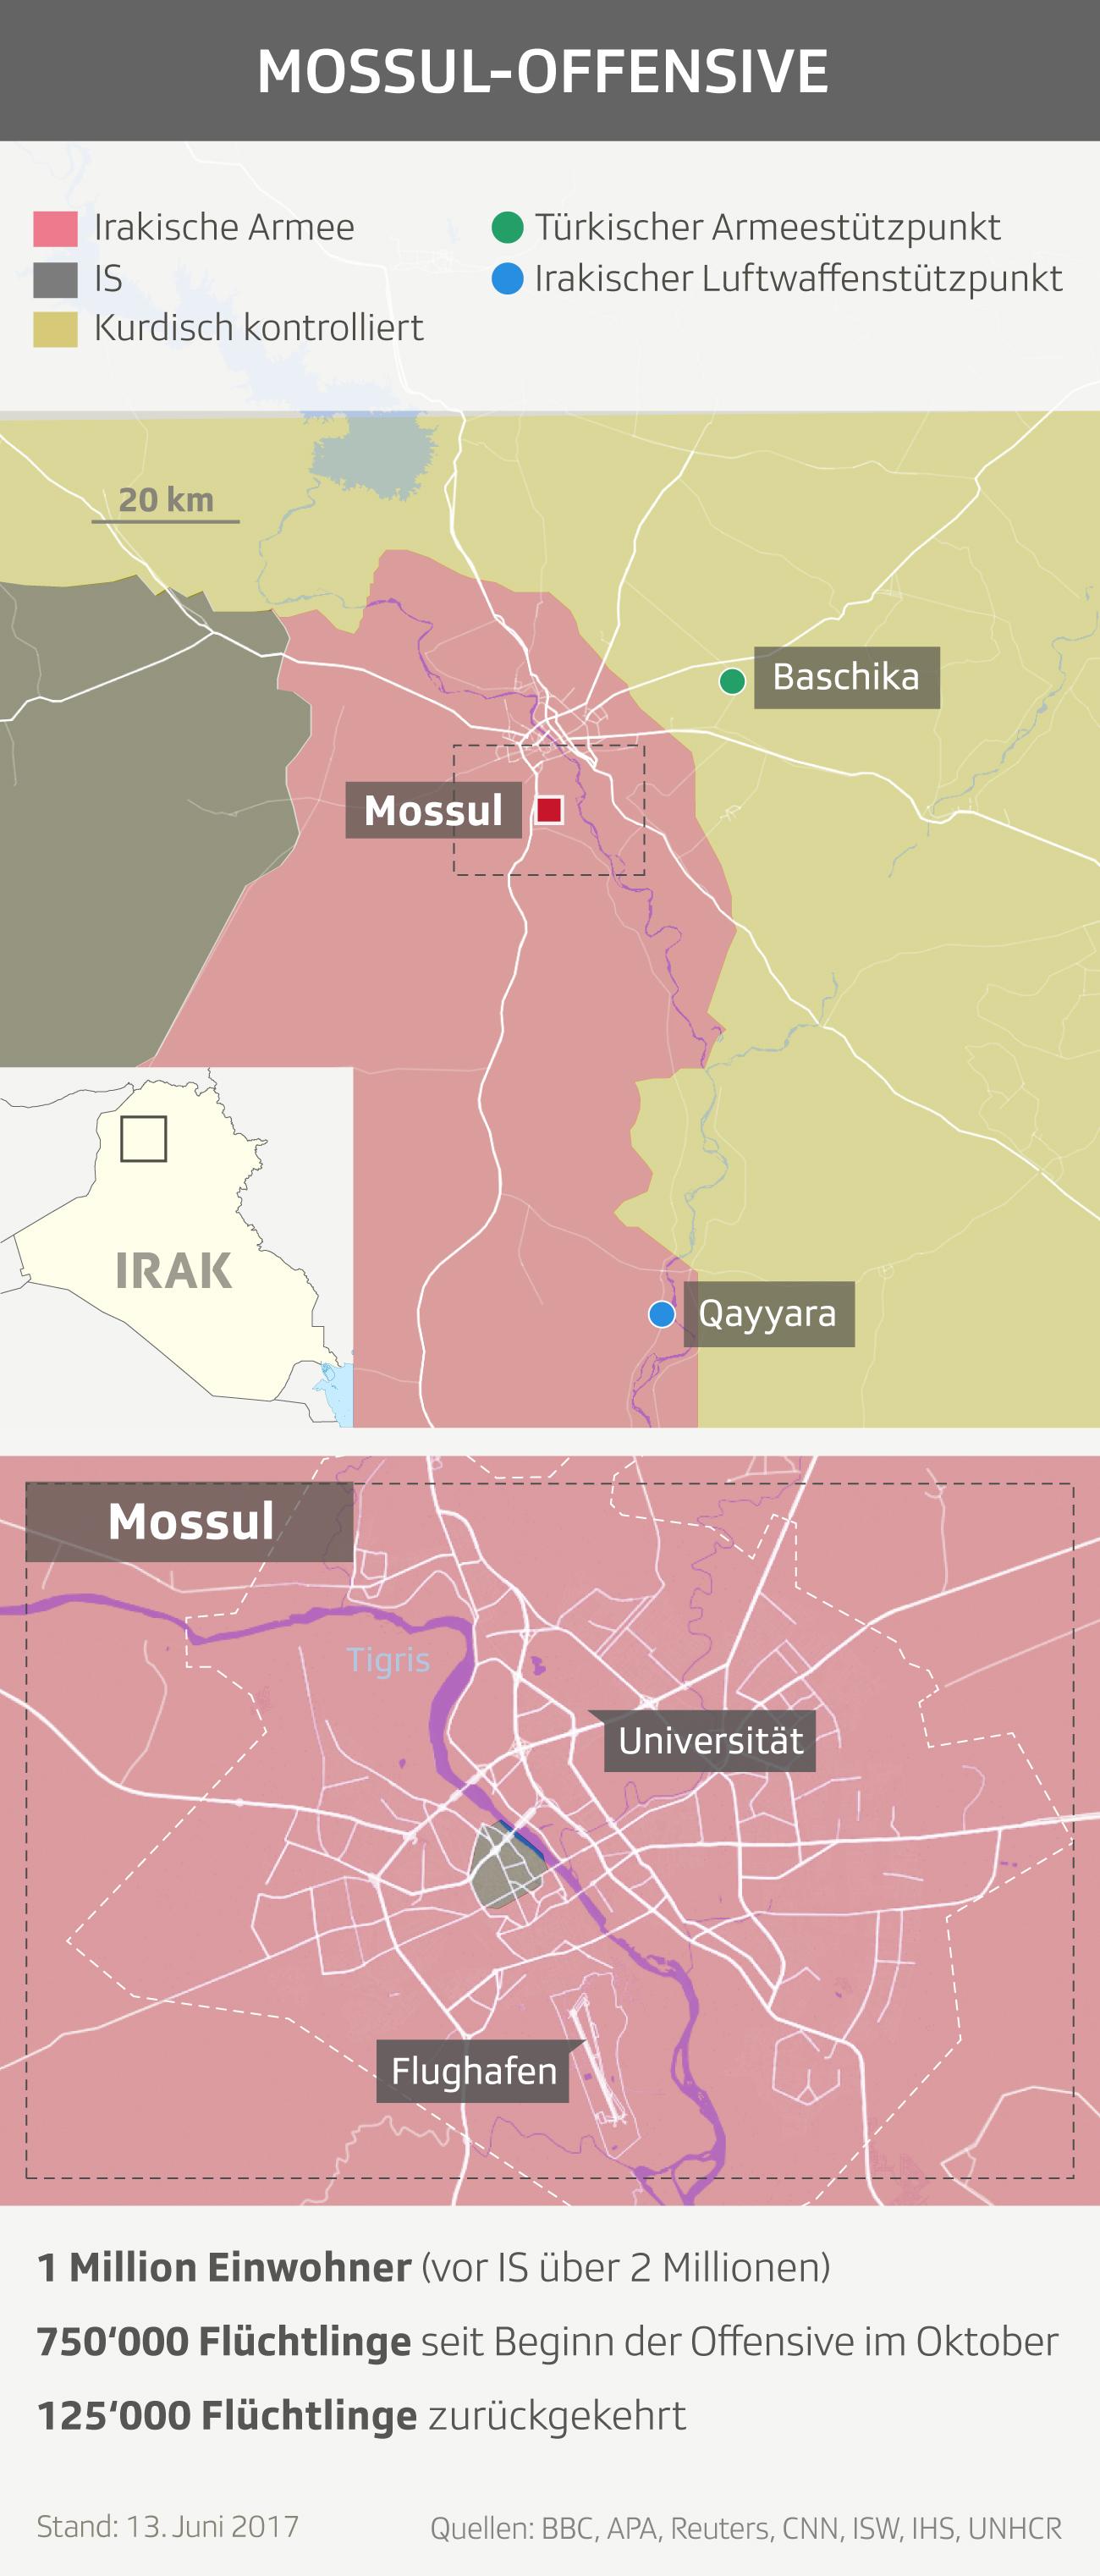 Mossul-Offensive